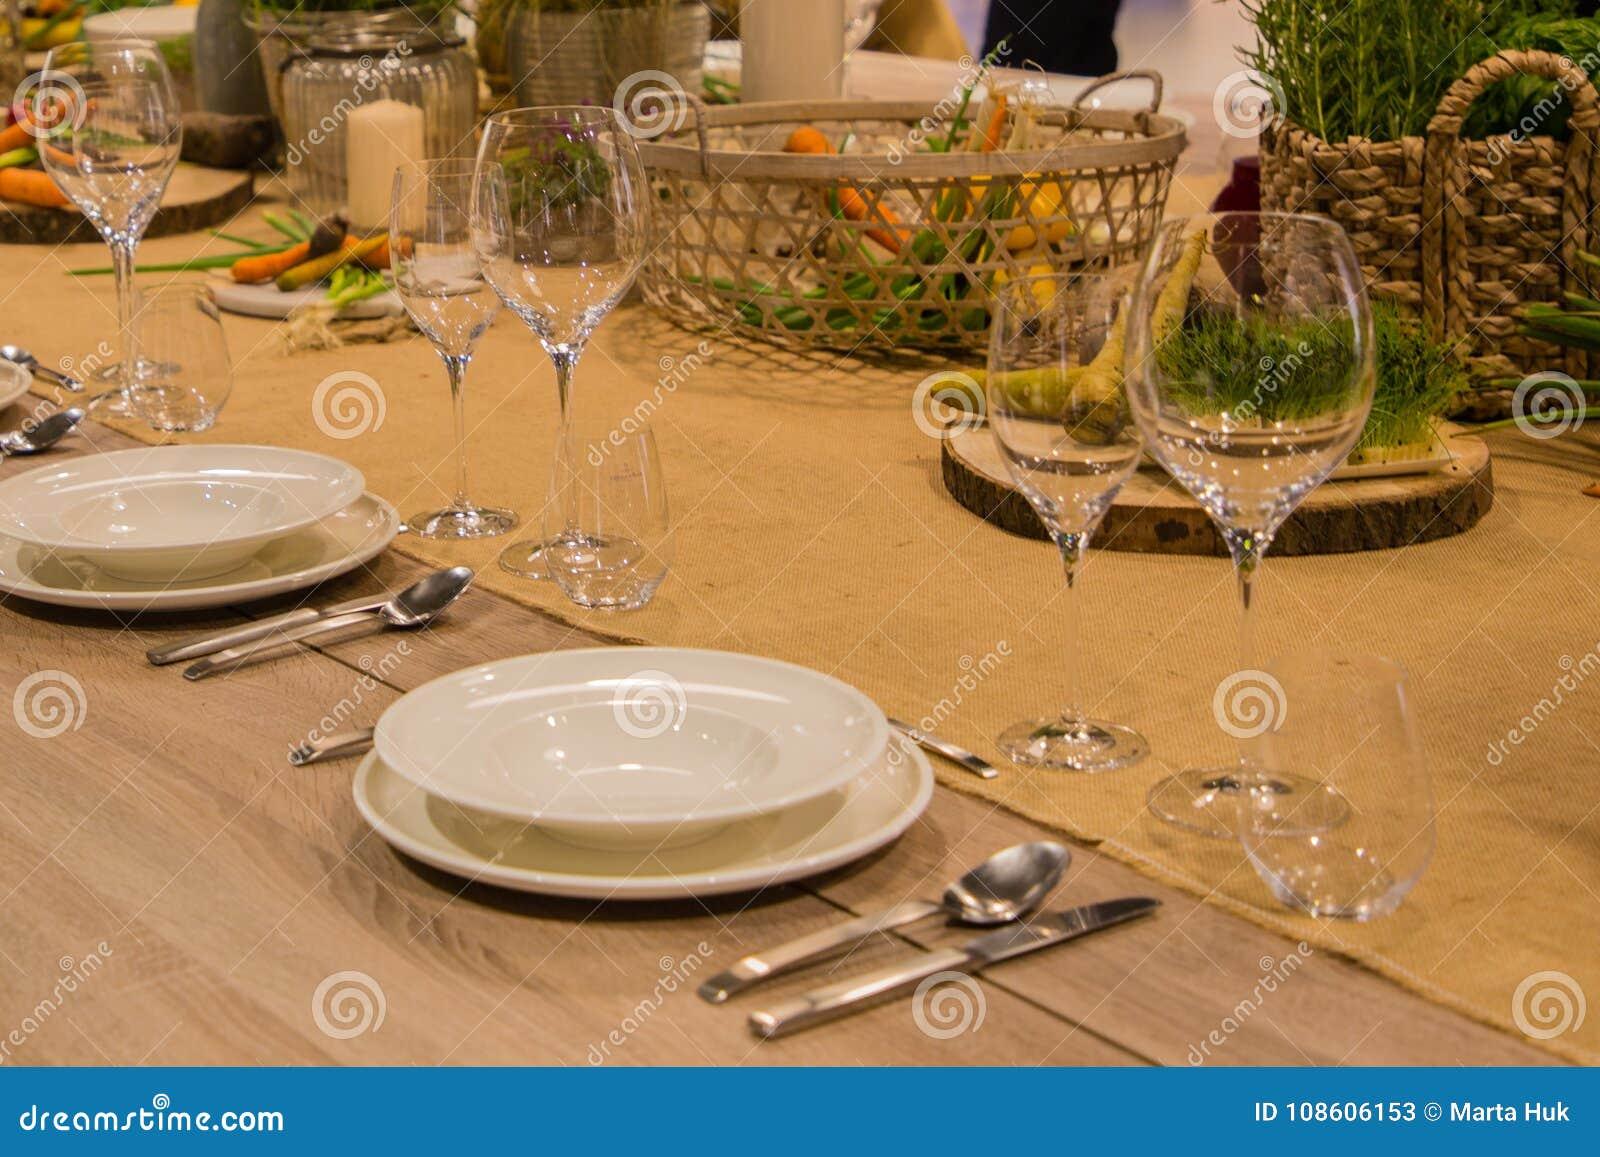 Tabellen i restaurangen tjänade som för flera personer med exponeringsglas och plattor